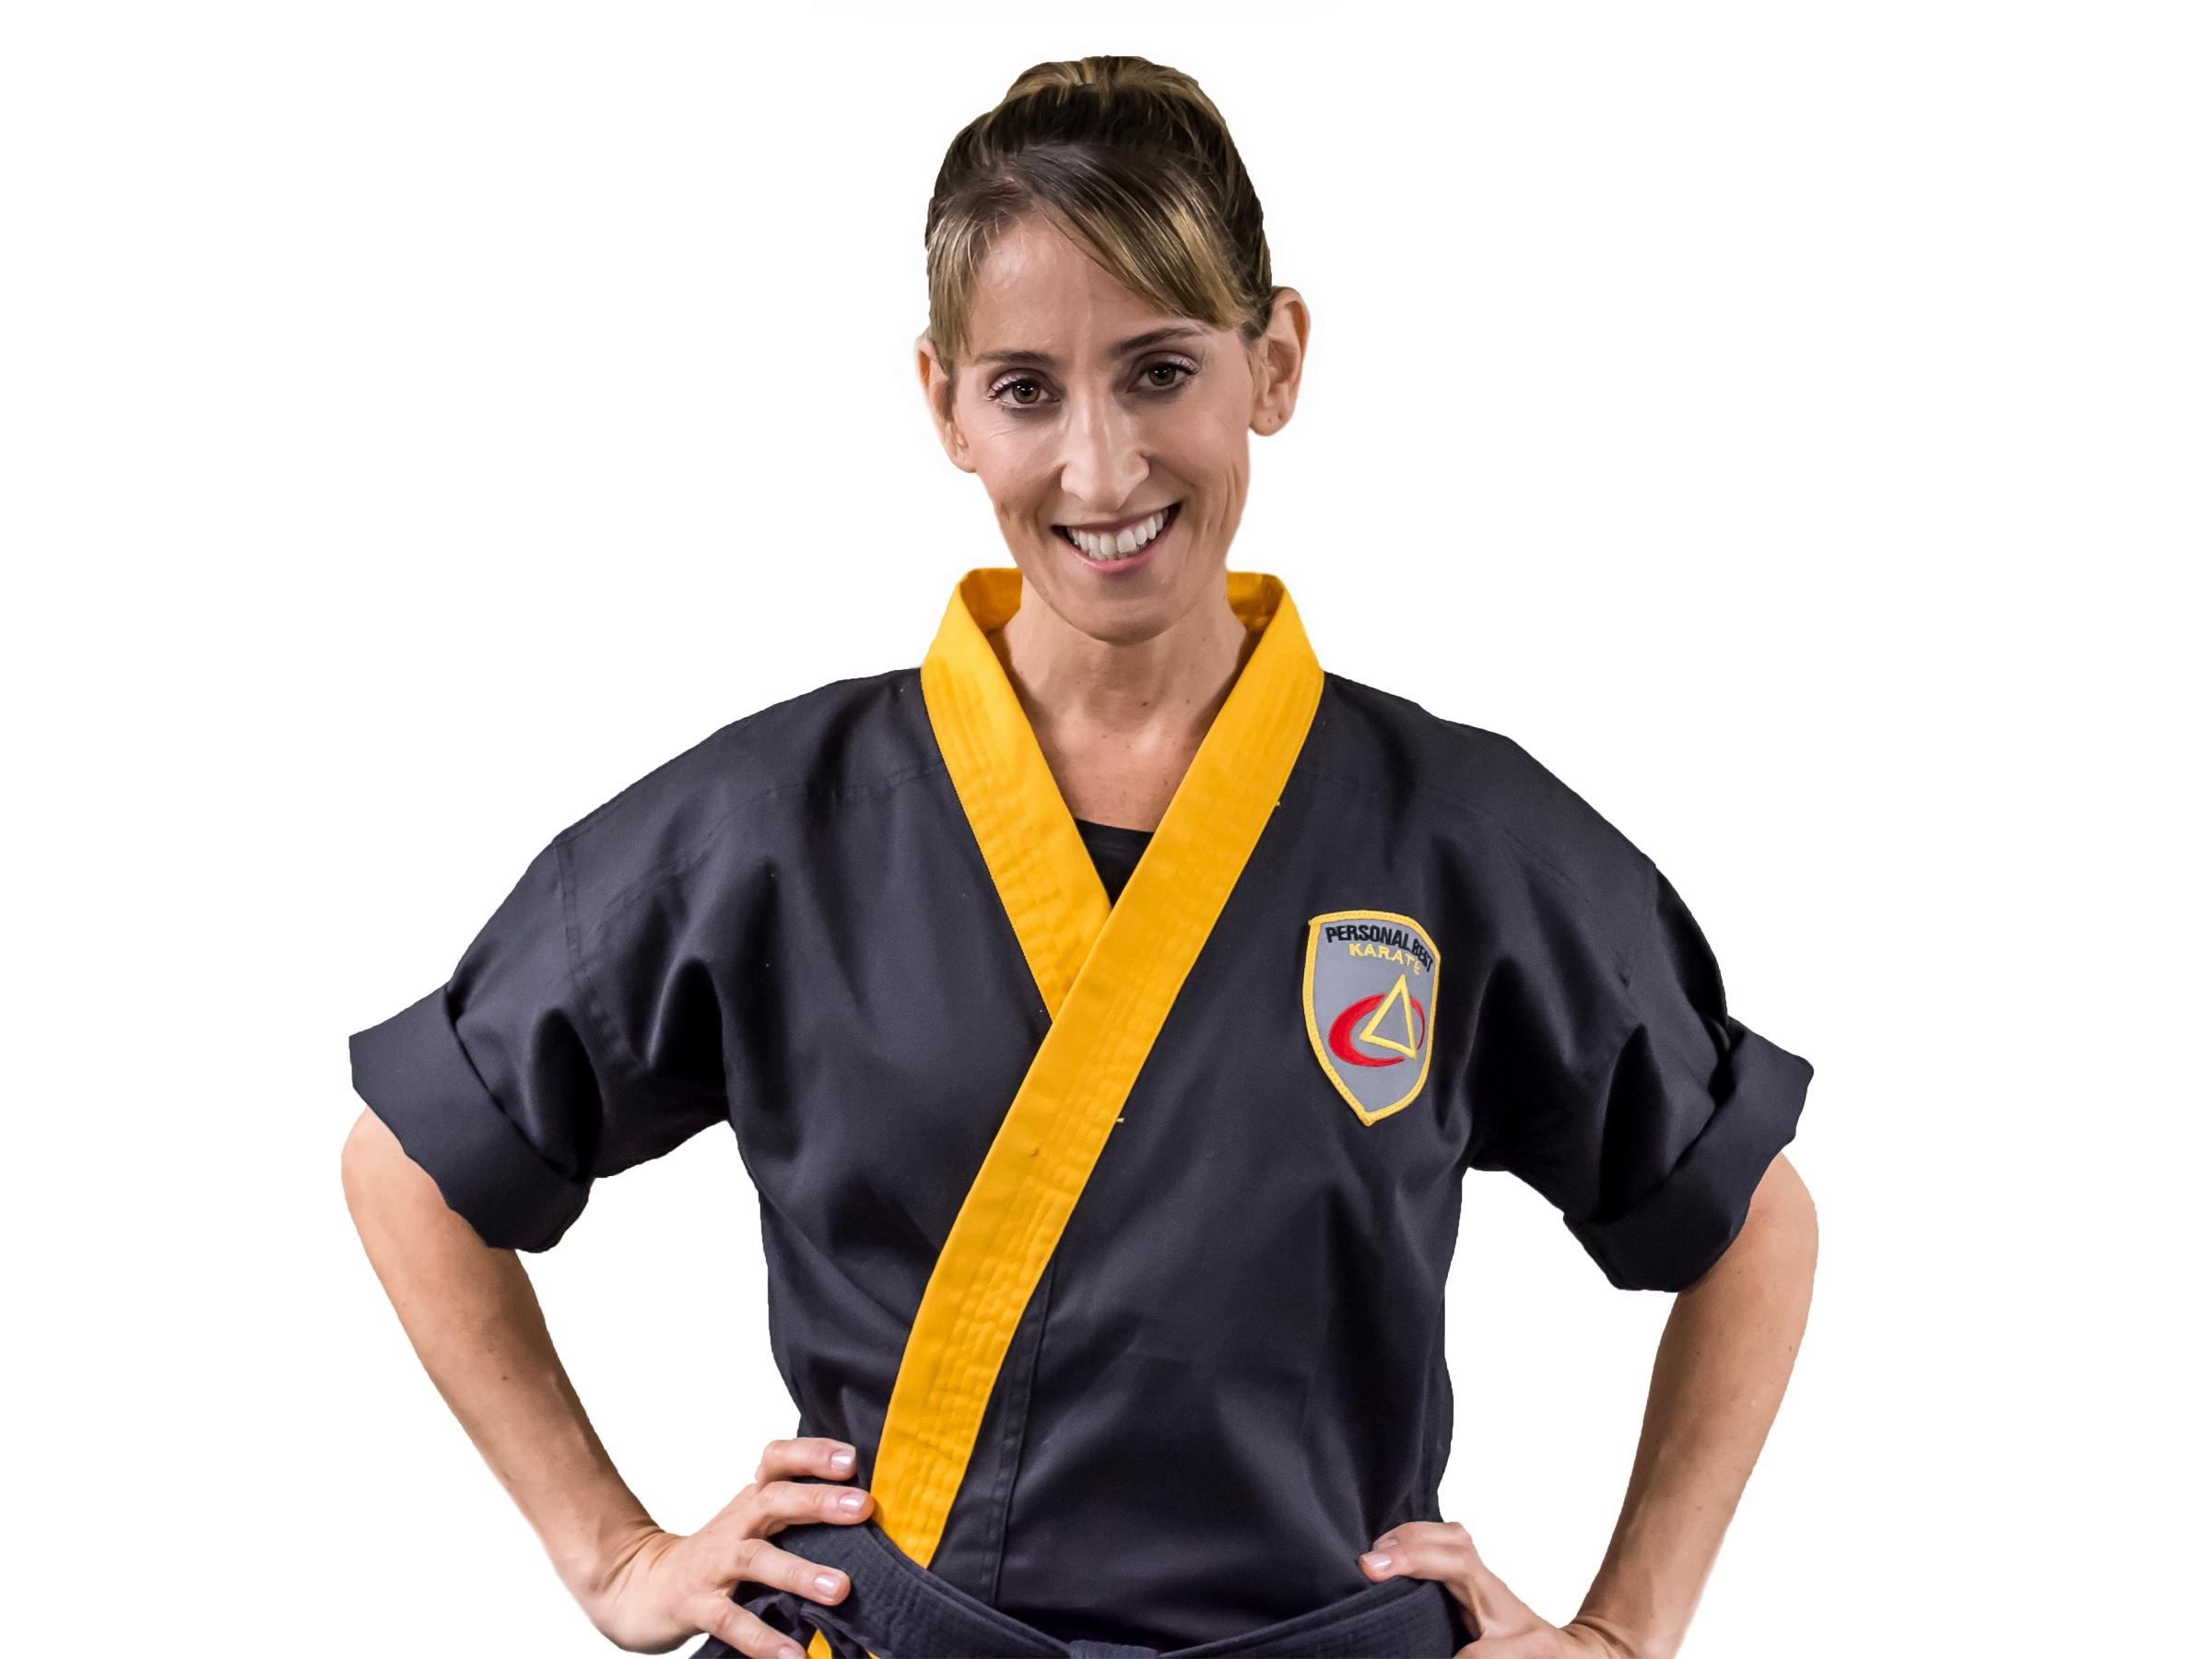 Kim Guccione